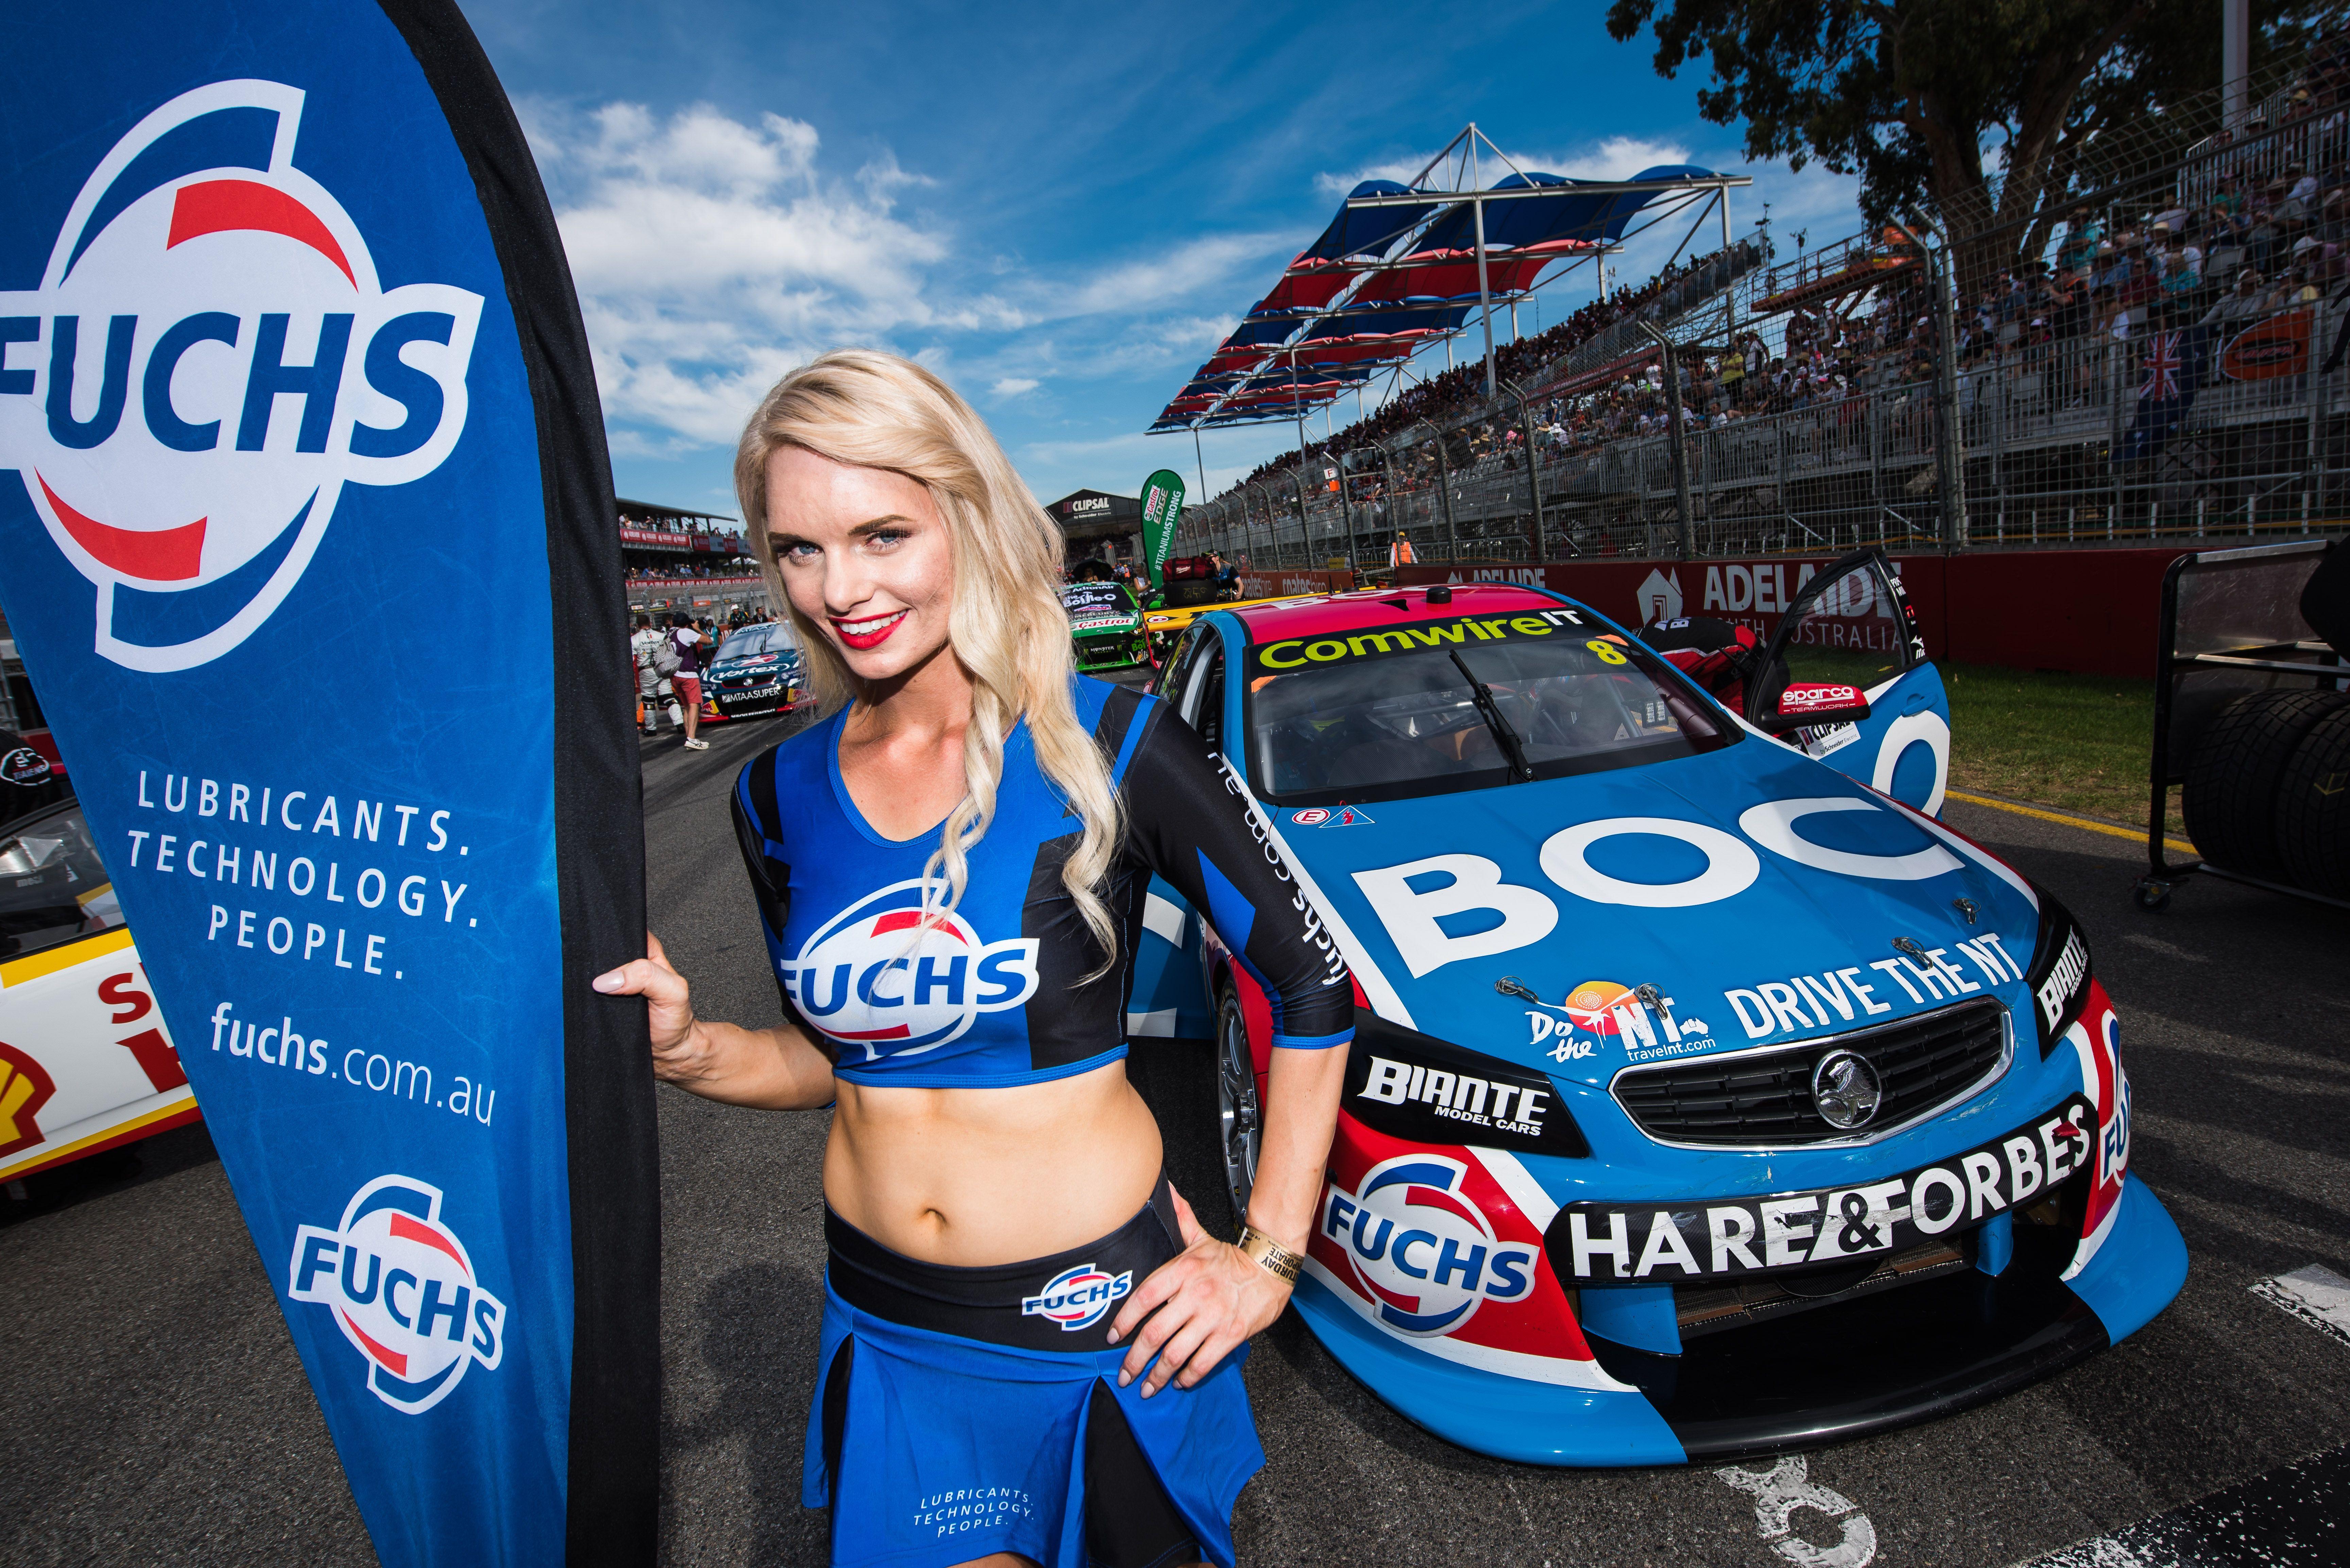 V8 Supercars Grid Girl Bodys Koreaner Fuchs